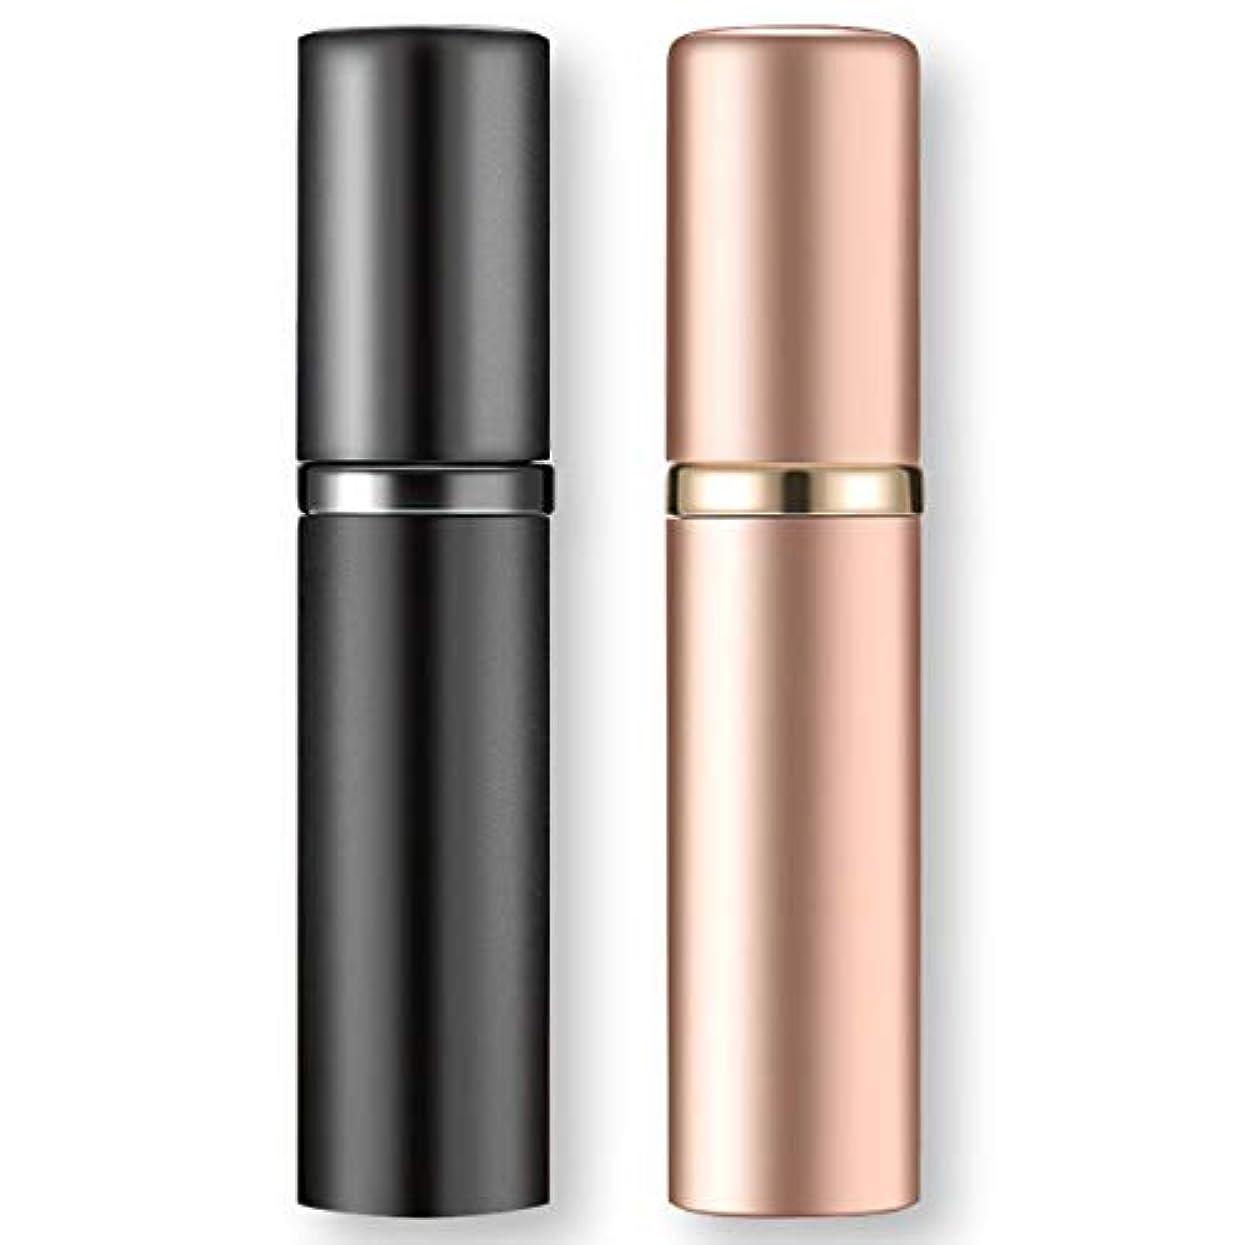 ハブリングレット鉄フェリモア アトマイザー 香水 詰め替え クイック補充 漏斗不要 旅行用 機内持ち込み可 2色セット